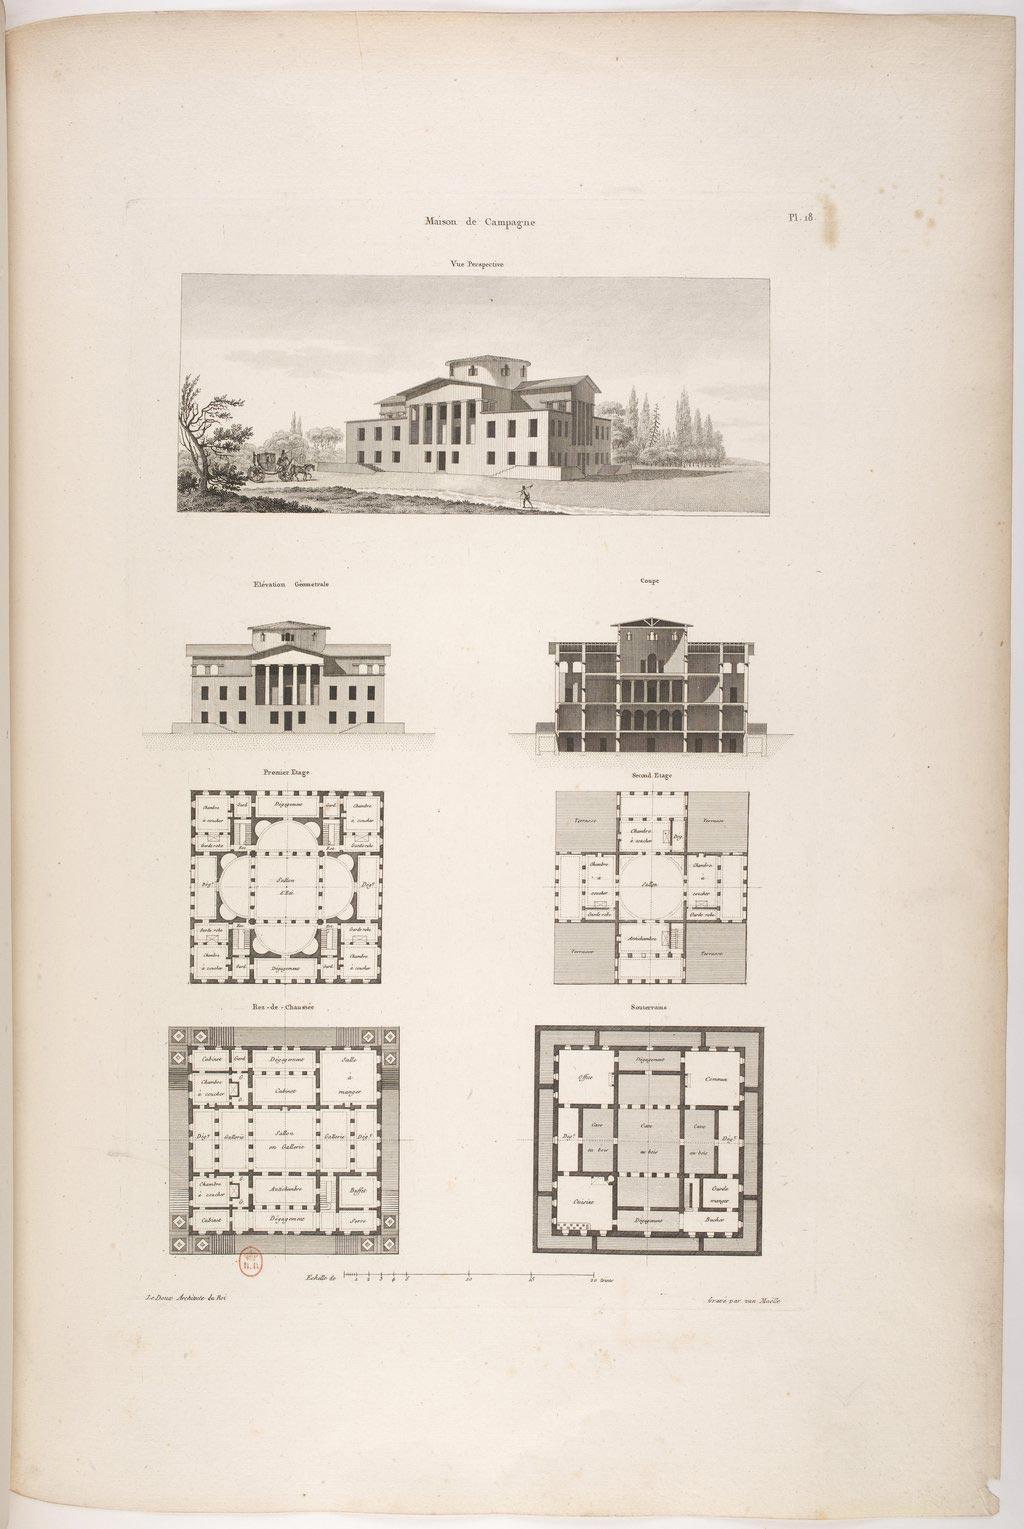 ledoux-claude-architecture-287